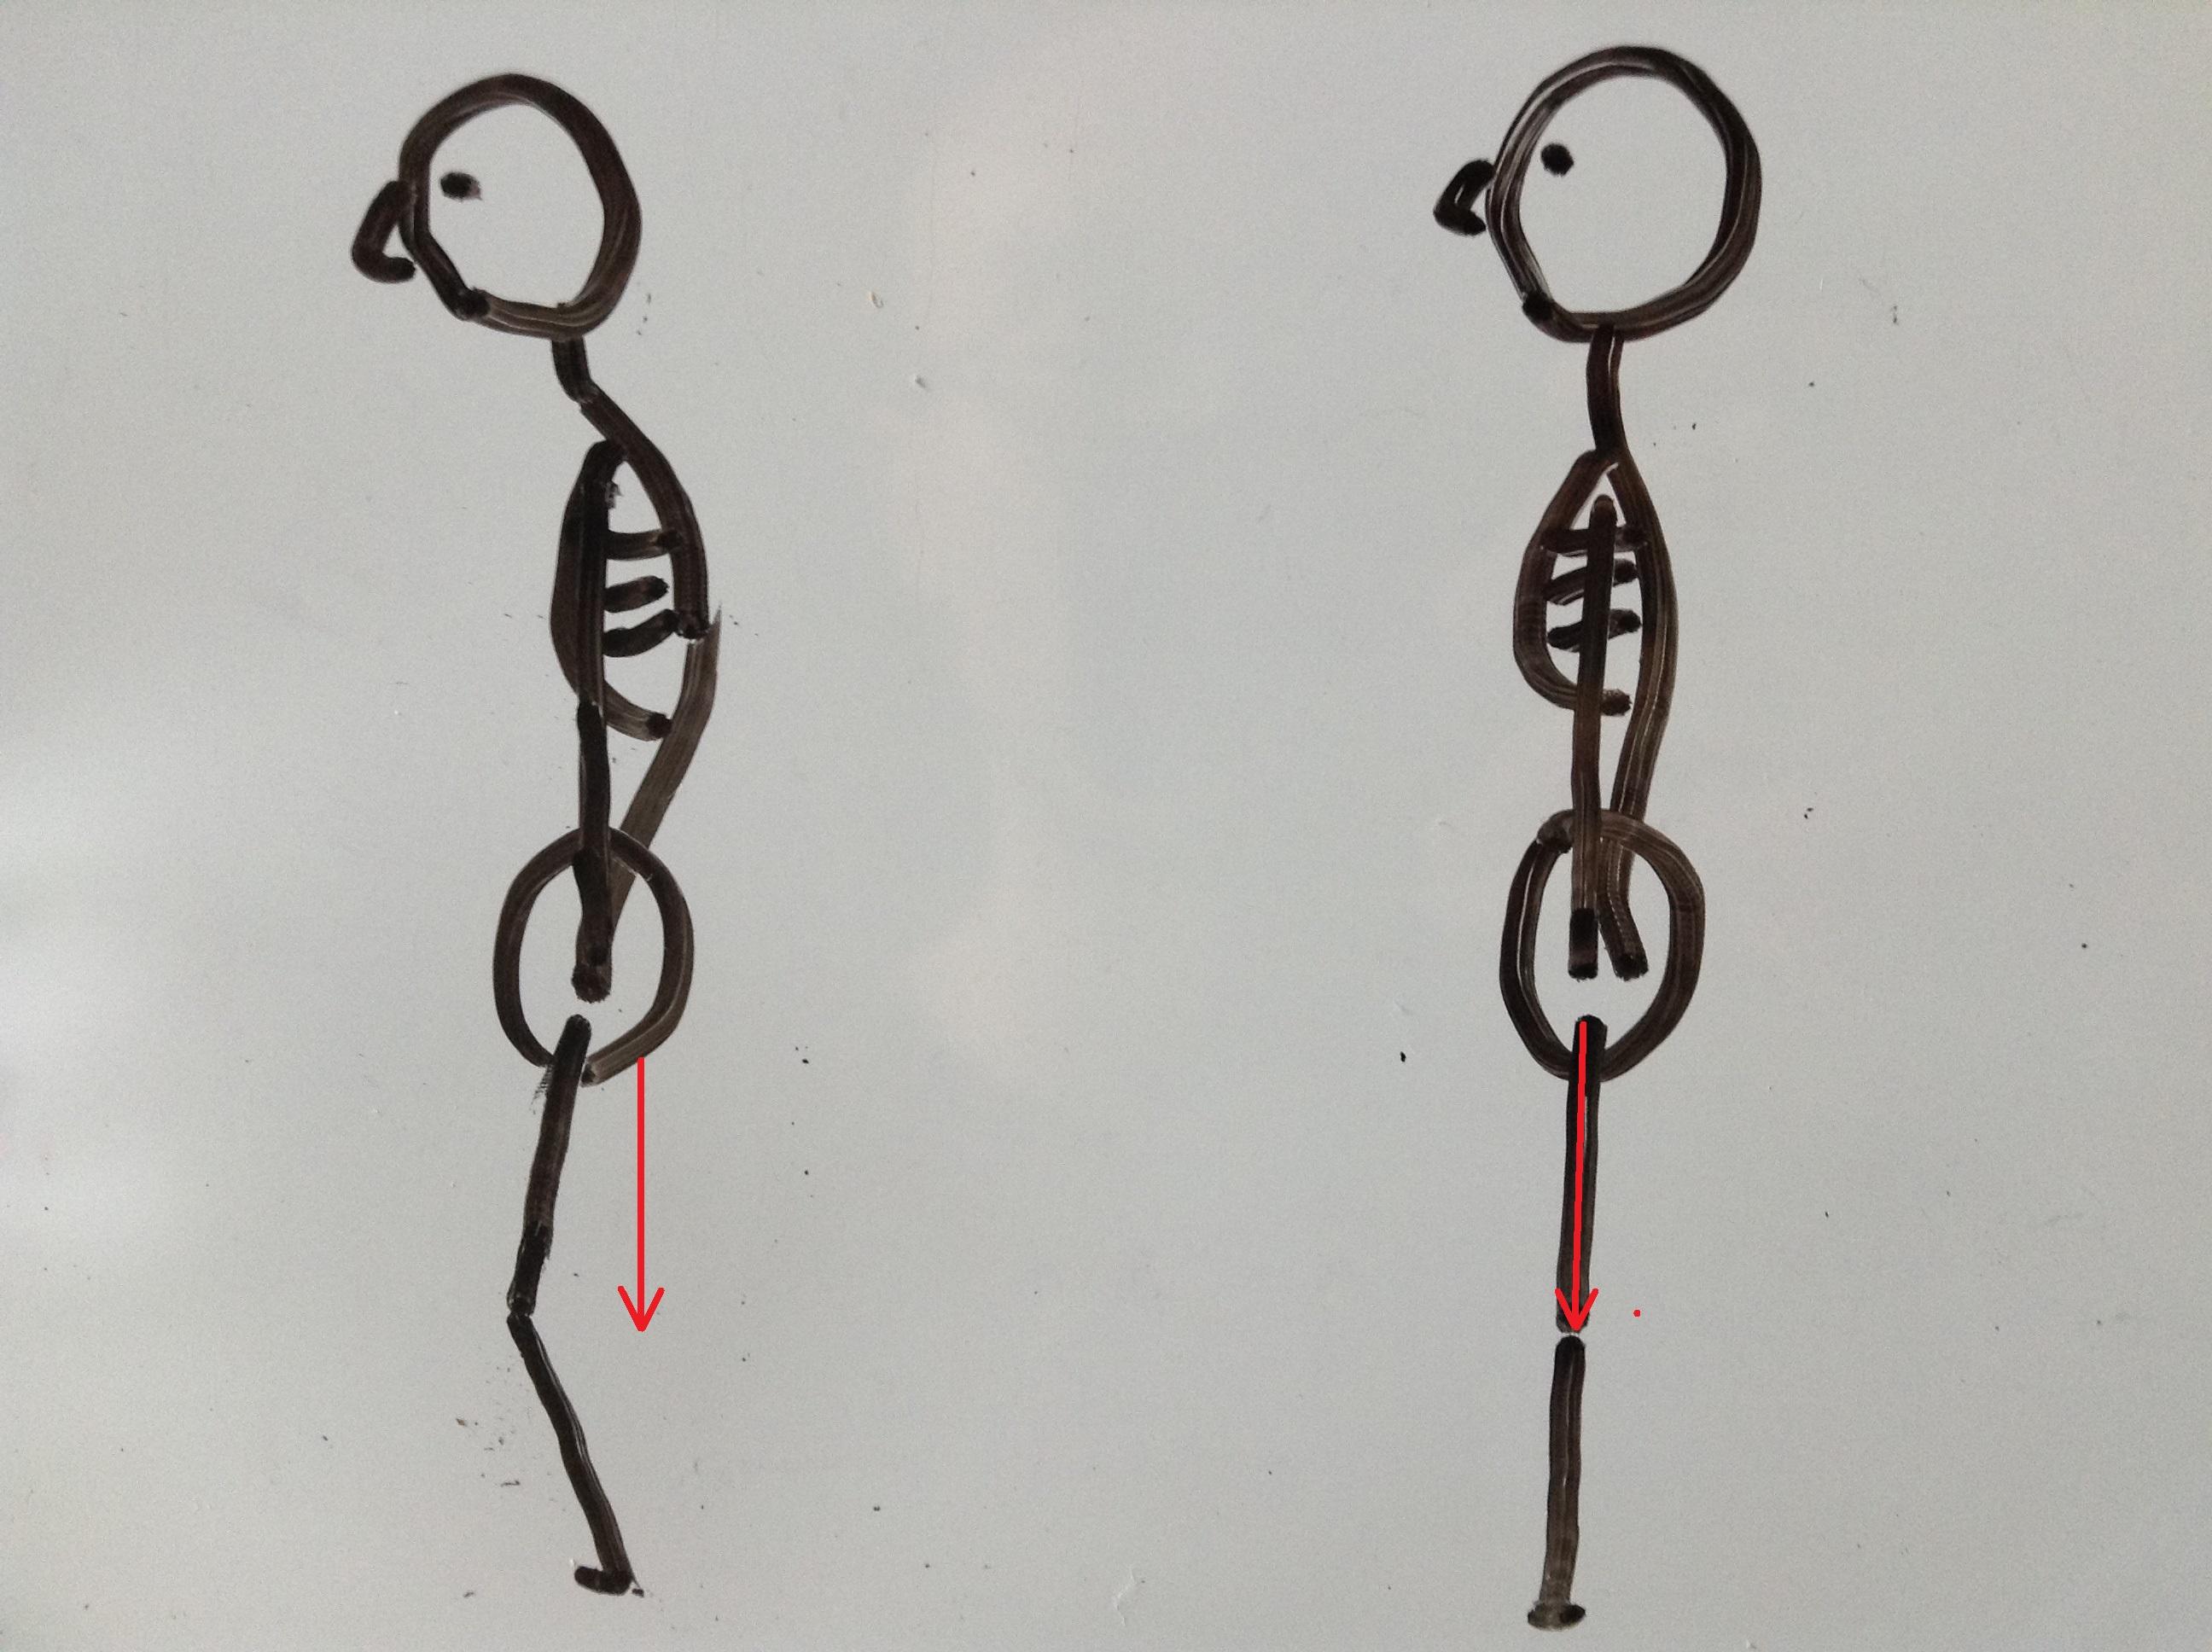 骨格 重心位置